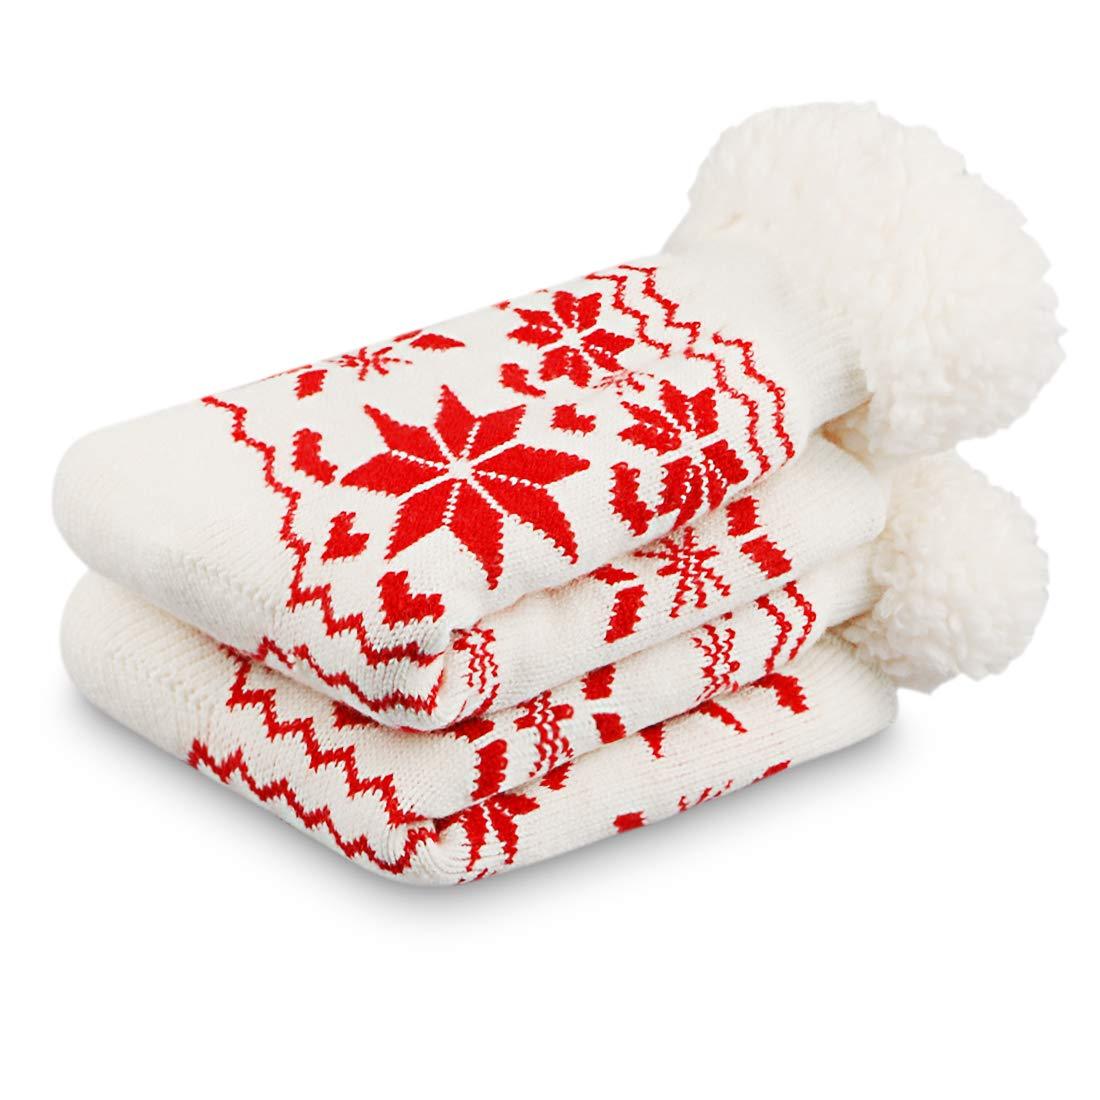 Damen Winter Stoppersocken dicke Haussocken mit Anti Rutsch Sohle Warme Kuschelsocken